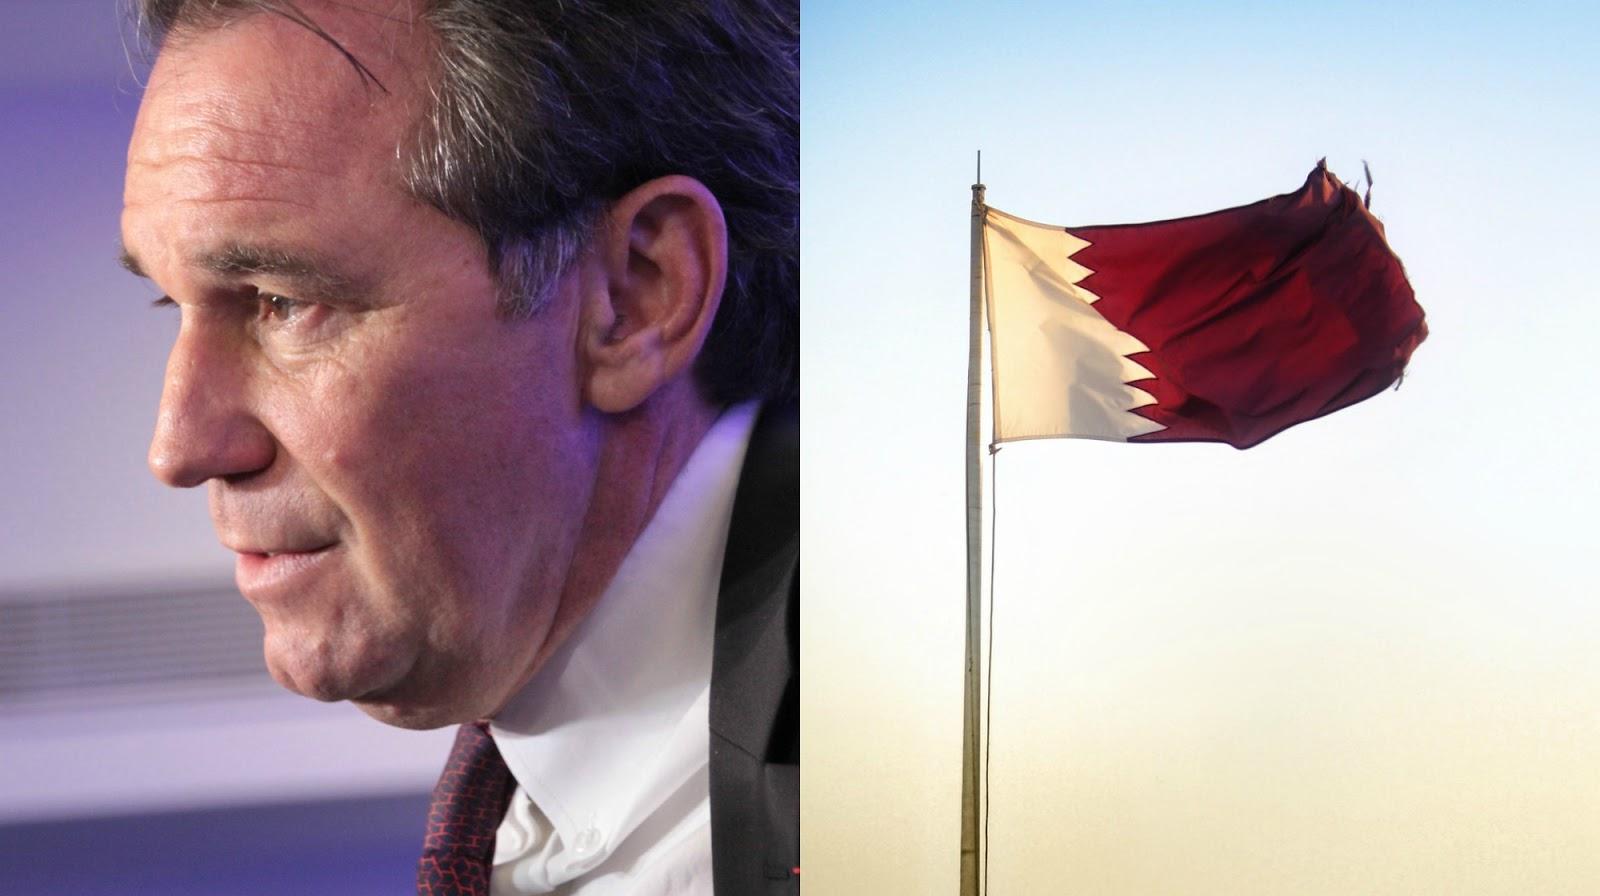 """La Région Sud PACA refuse de rompre sa relation avec le Qatar, qui """"n'est pas qu'une menace"""""""